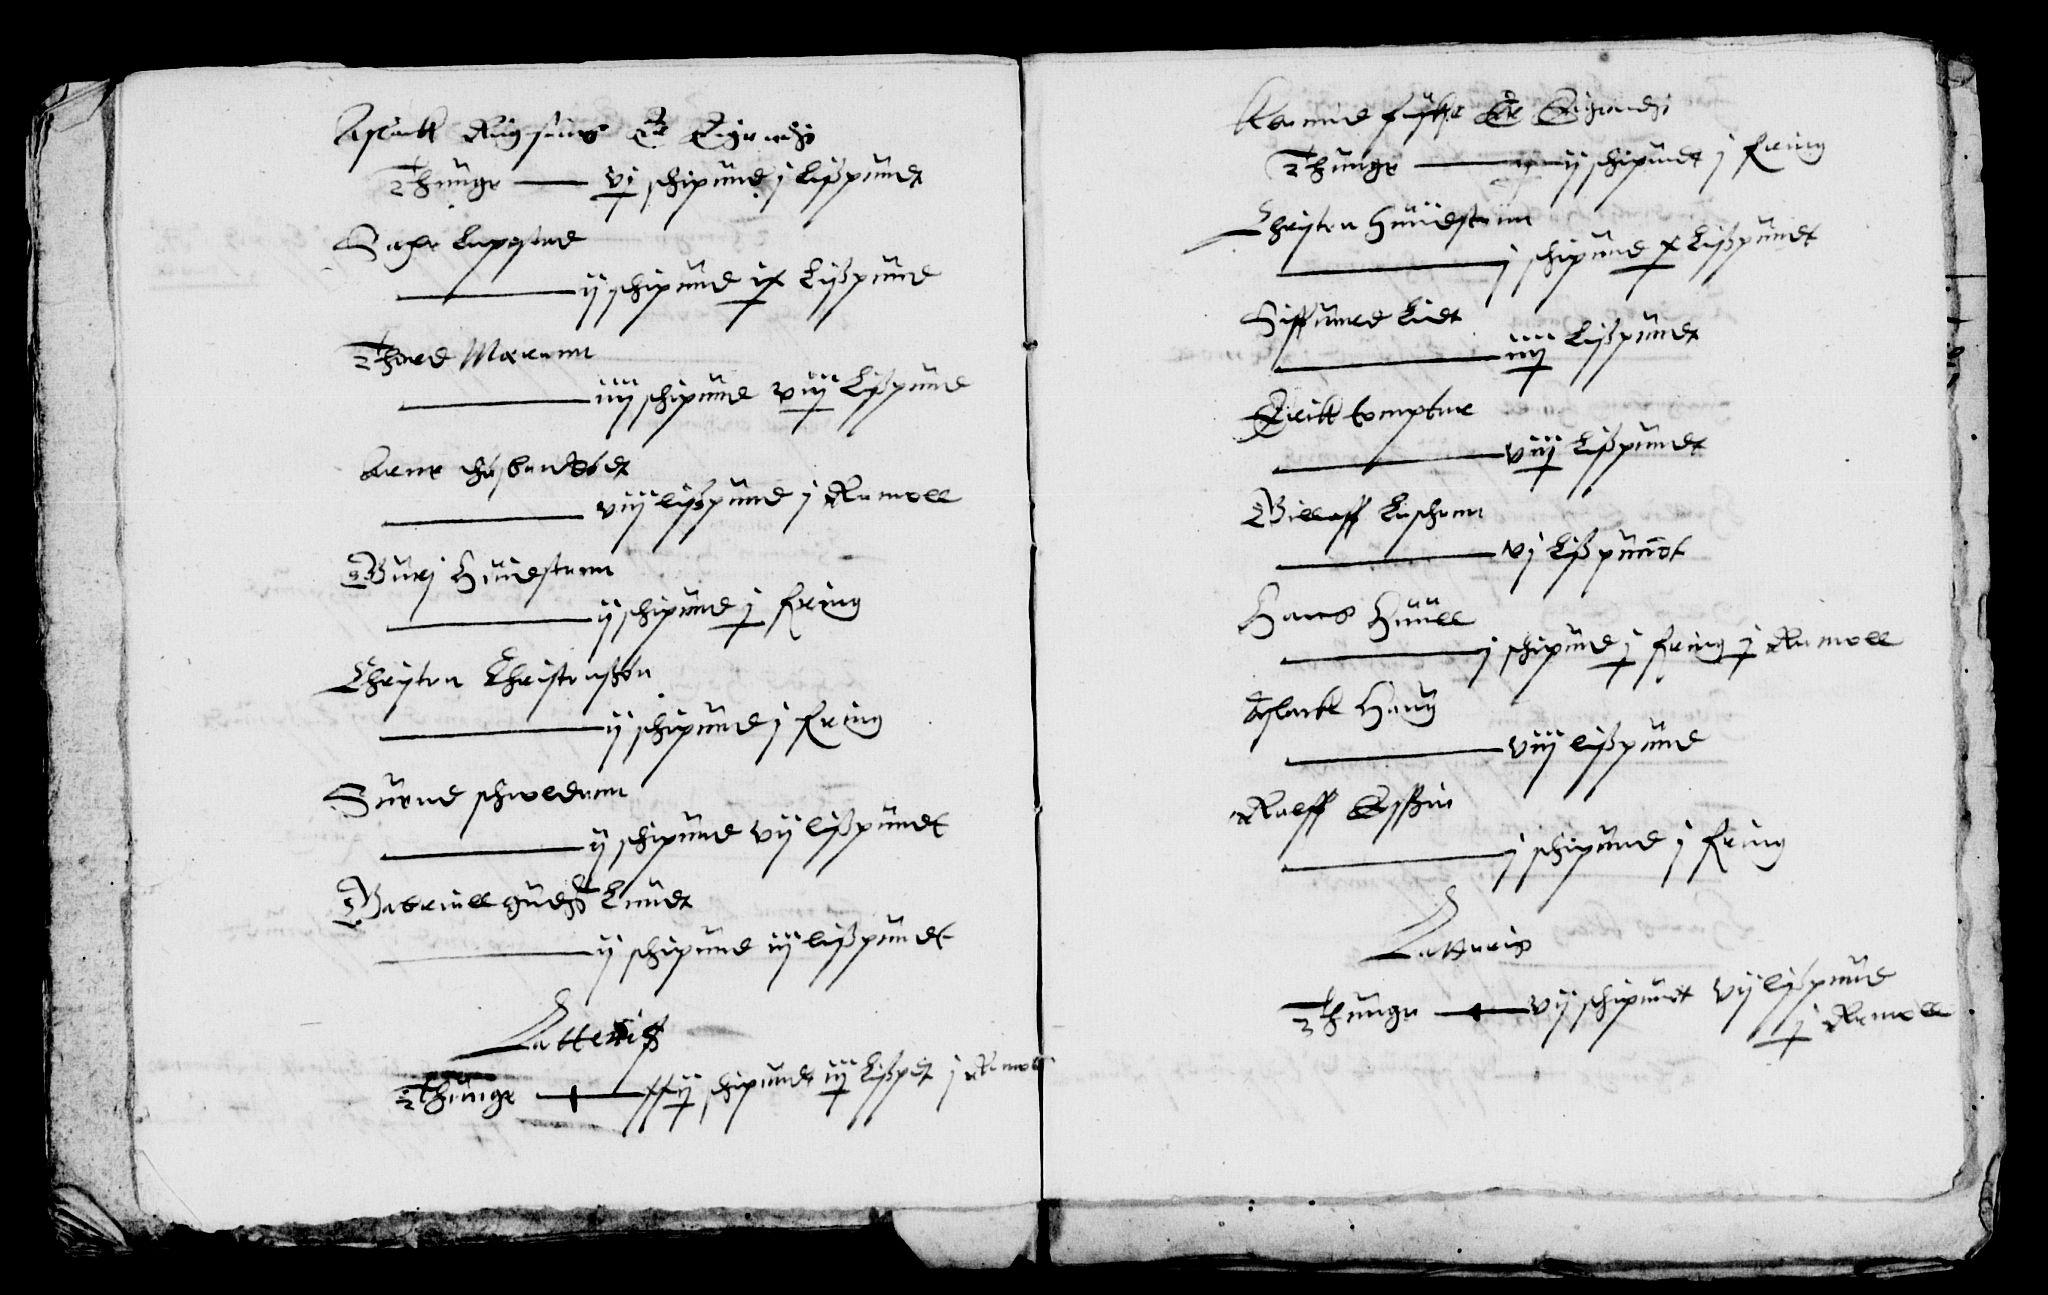 RA, Rentekammeret inntil 1814, Reviderte regnskaper, Lensregnskaper, R/Rb/Rbd/L0002: Maria kirke prosti gods og Rakkestad len, 1633-1637